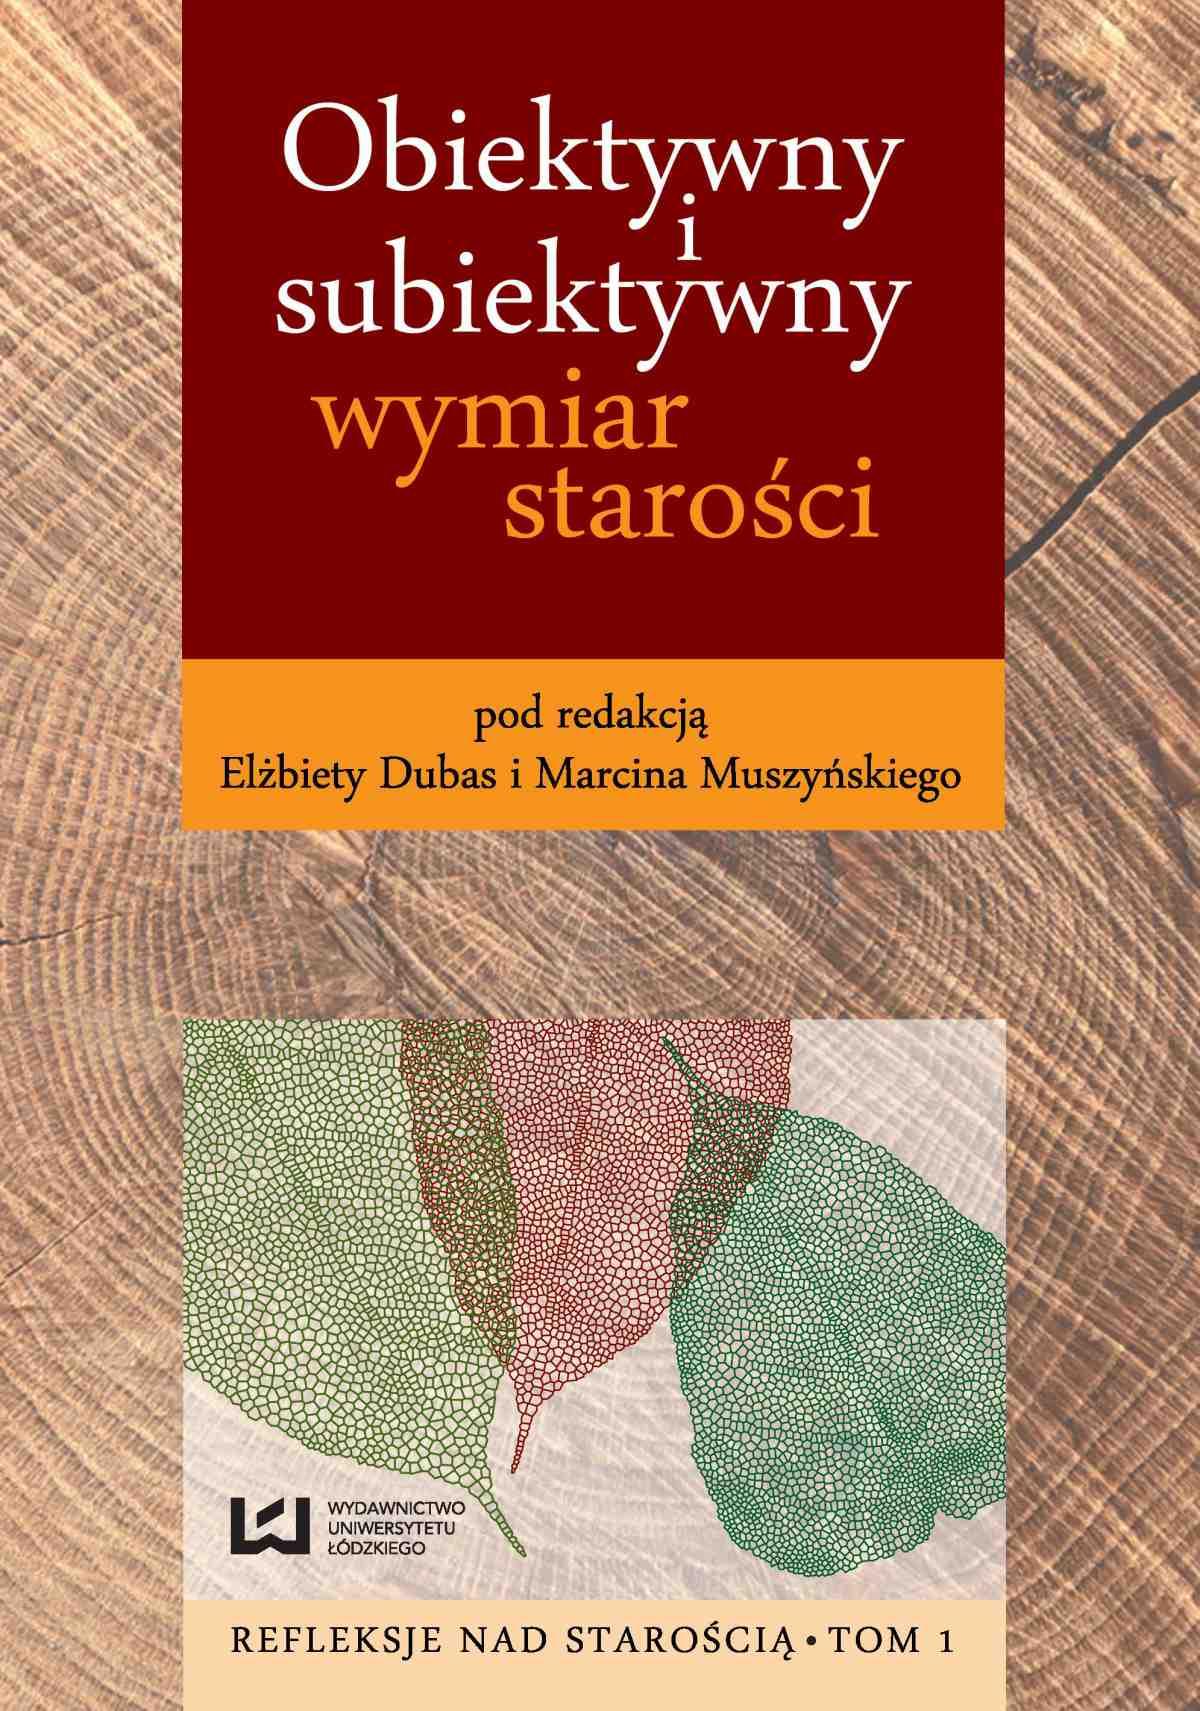 Obiektywny i subiektywny wymiar starości - Ebook (Książka PDF) do pobrania w formacie PDF